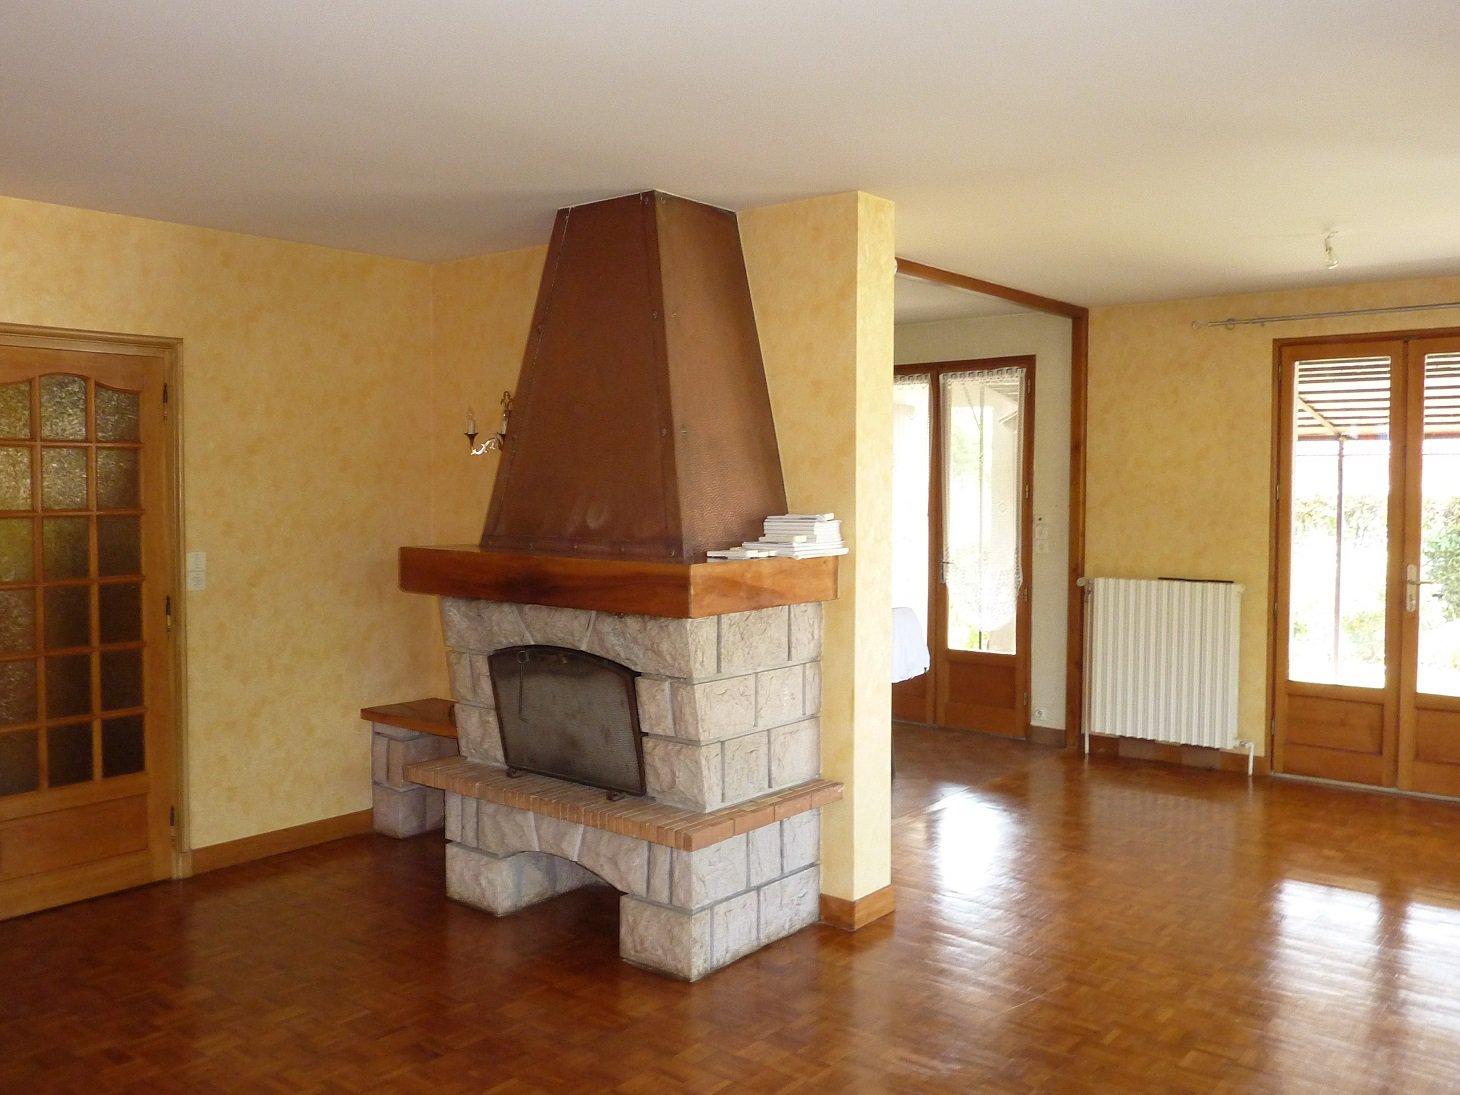 VILLA 130 m² hab. 5 chambres,avec sous-sol complet